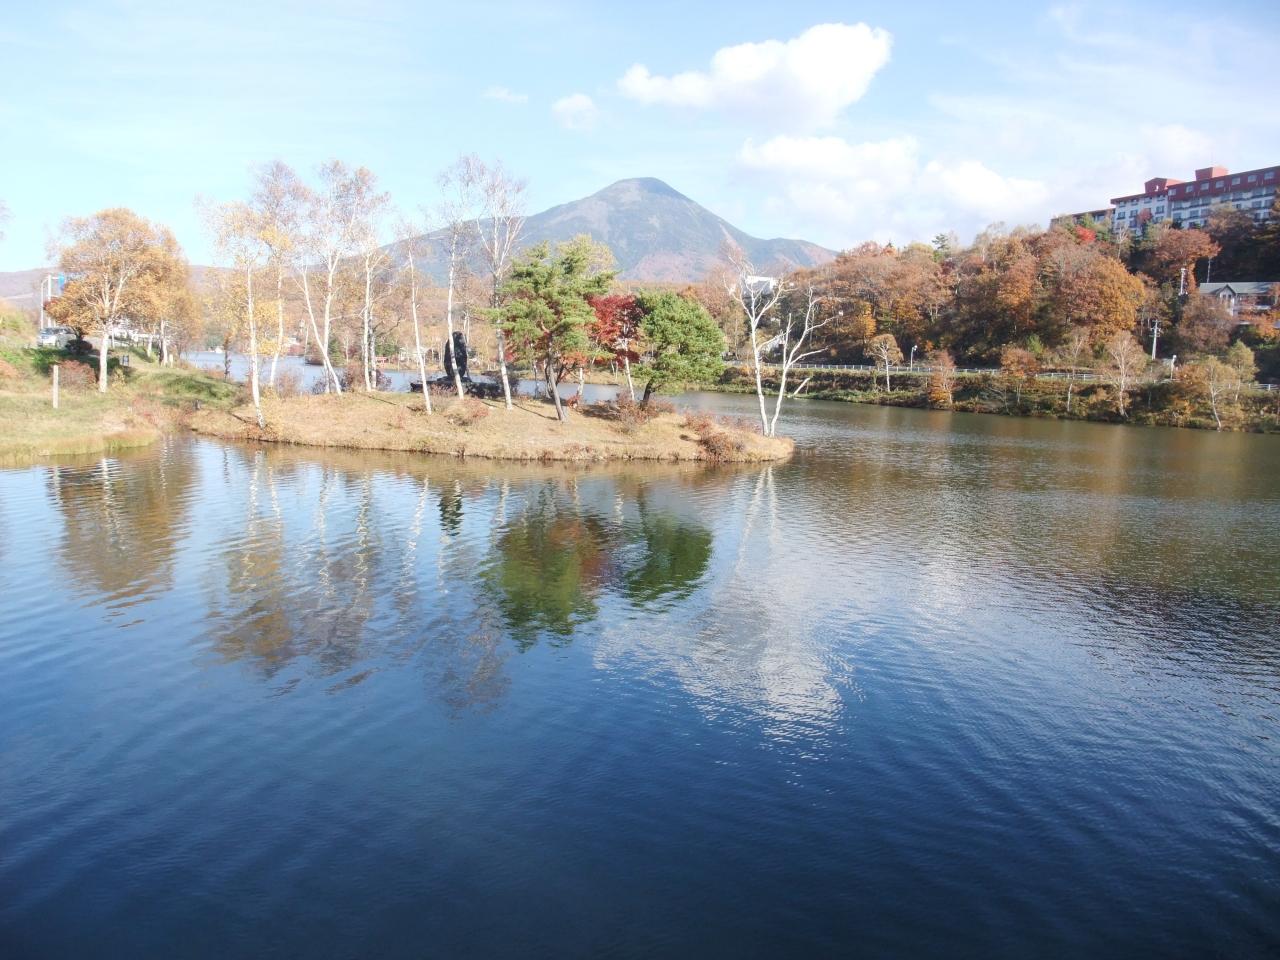 秋色に染まる白樺湖散策と白樺湖畔の天然温泉に泊まる旅 白樺湖 蓼科